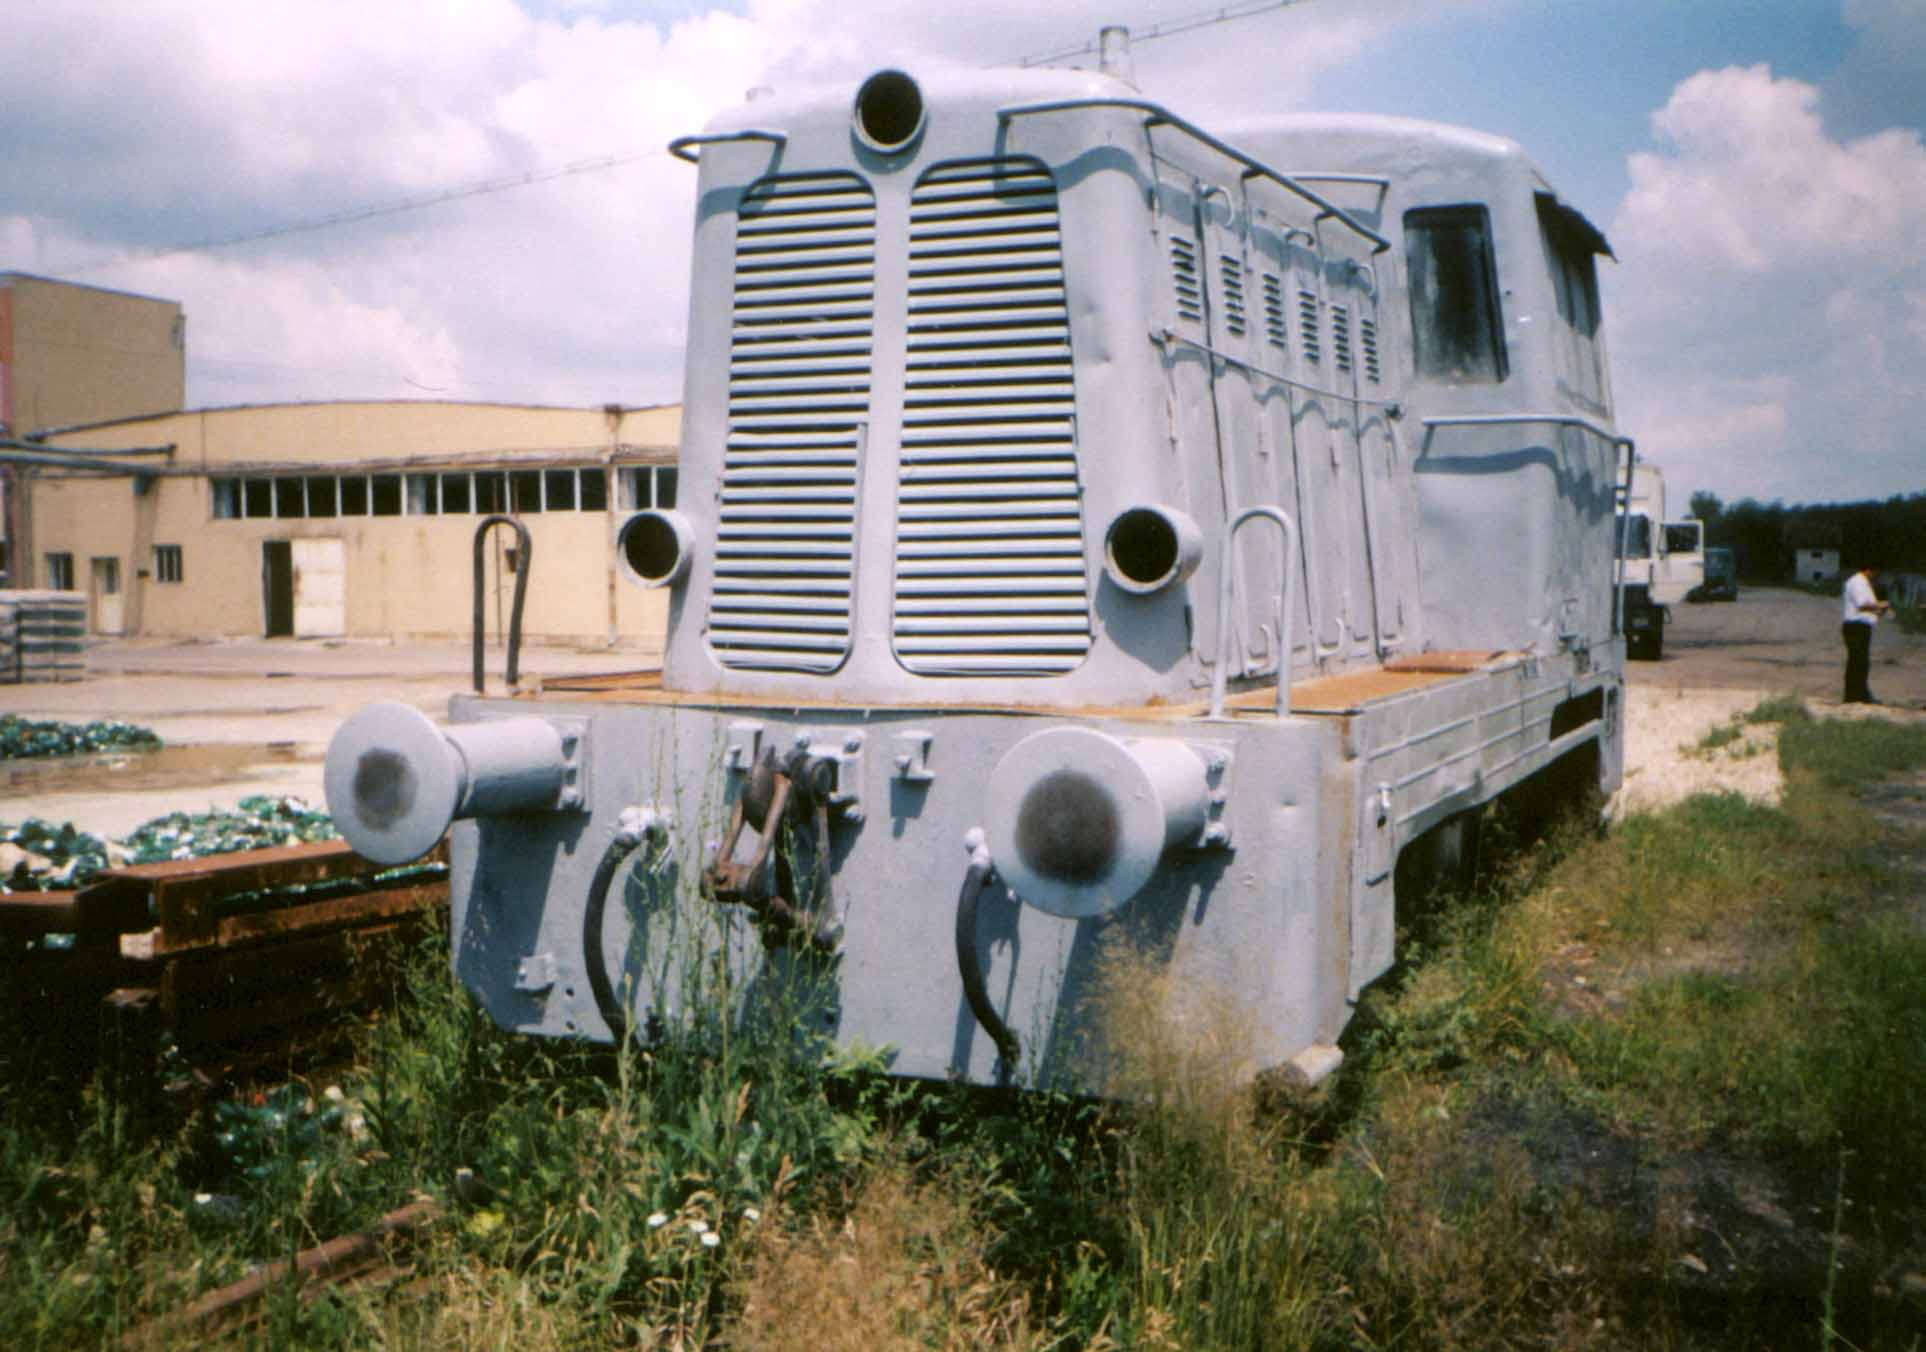 """Die Tatra-Lok in der neuen """"Apemin"""". Die Strecke im Hintergrund ist überasphaltiert und wird als Zufahrt für LKW' s benutzt, da auf einen Bahnbetrieb verzichtet wurde."""